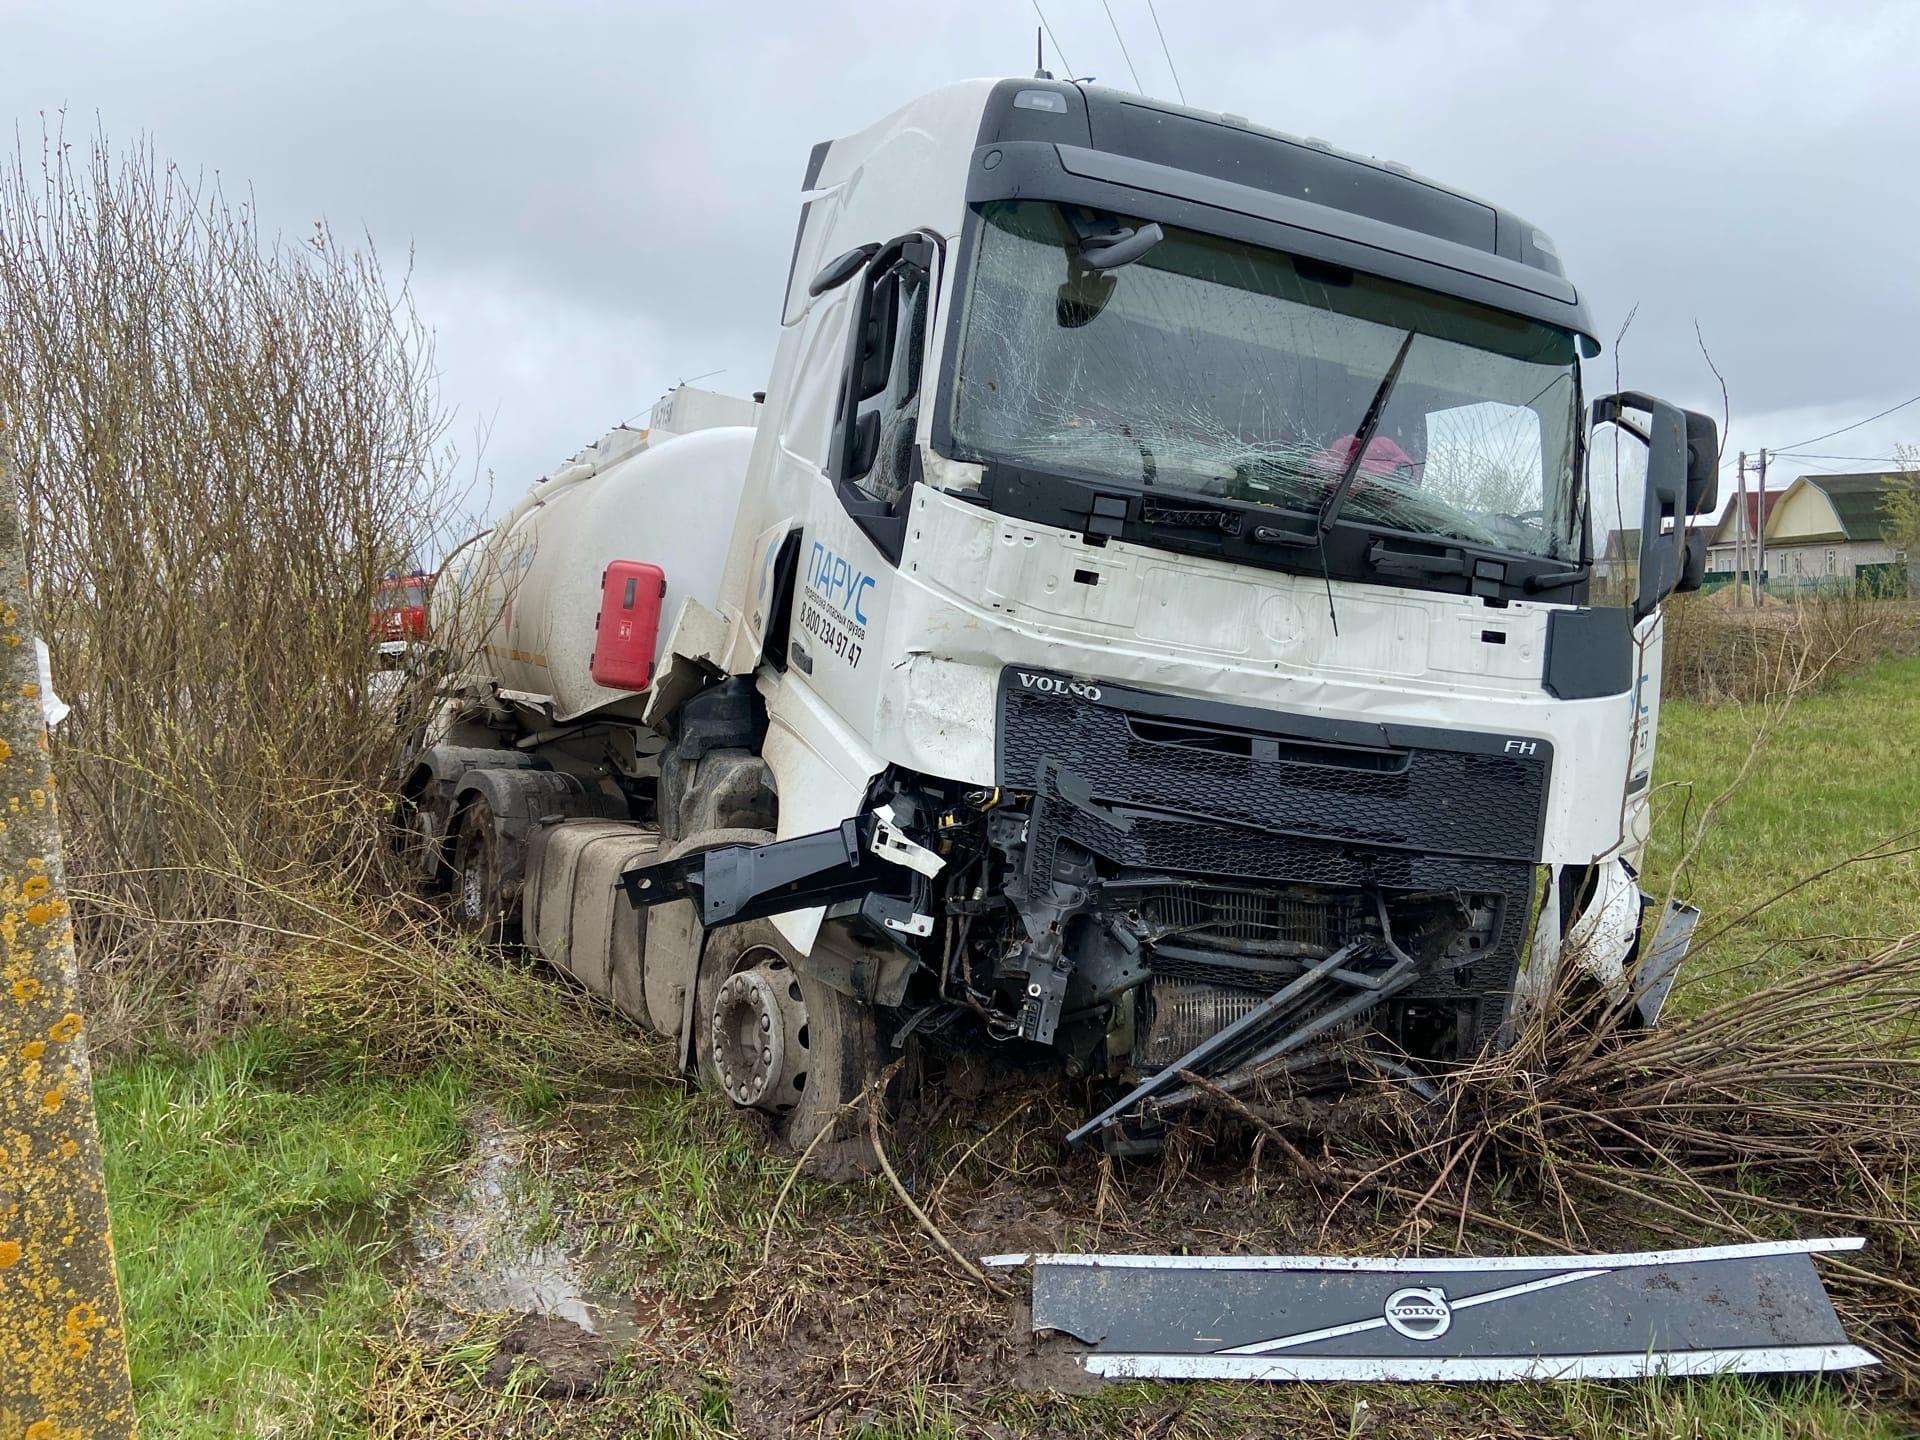 На дороге в Тверской области столкнулись экскаватор и бензовоз, пострадали два человека - новости Афанасий